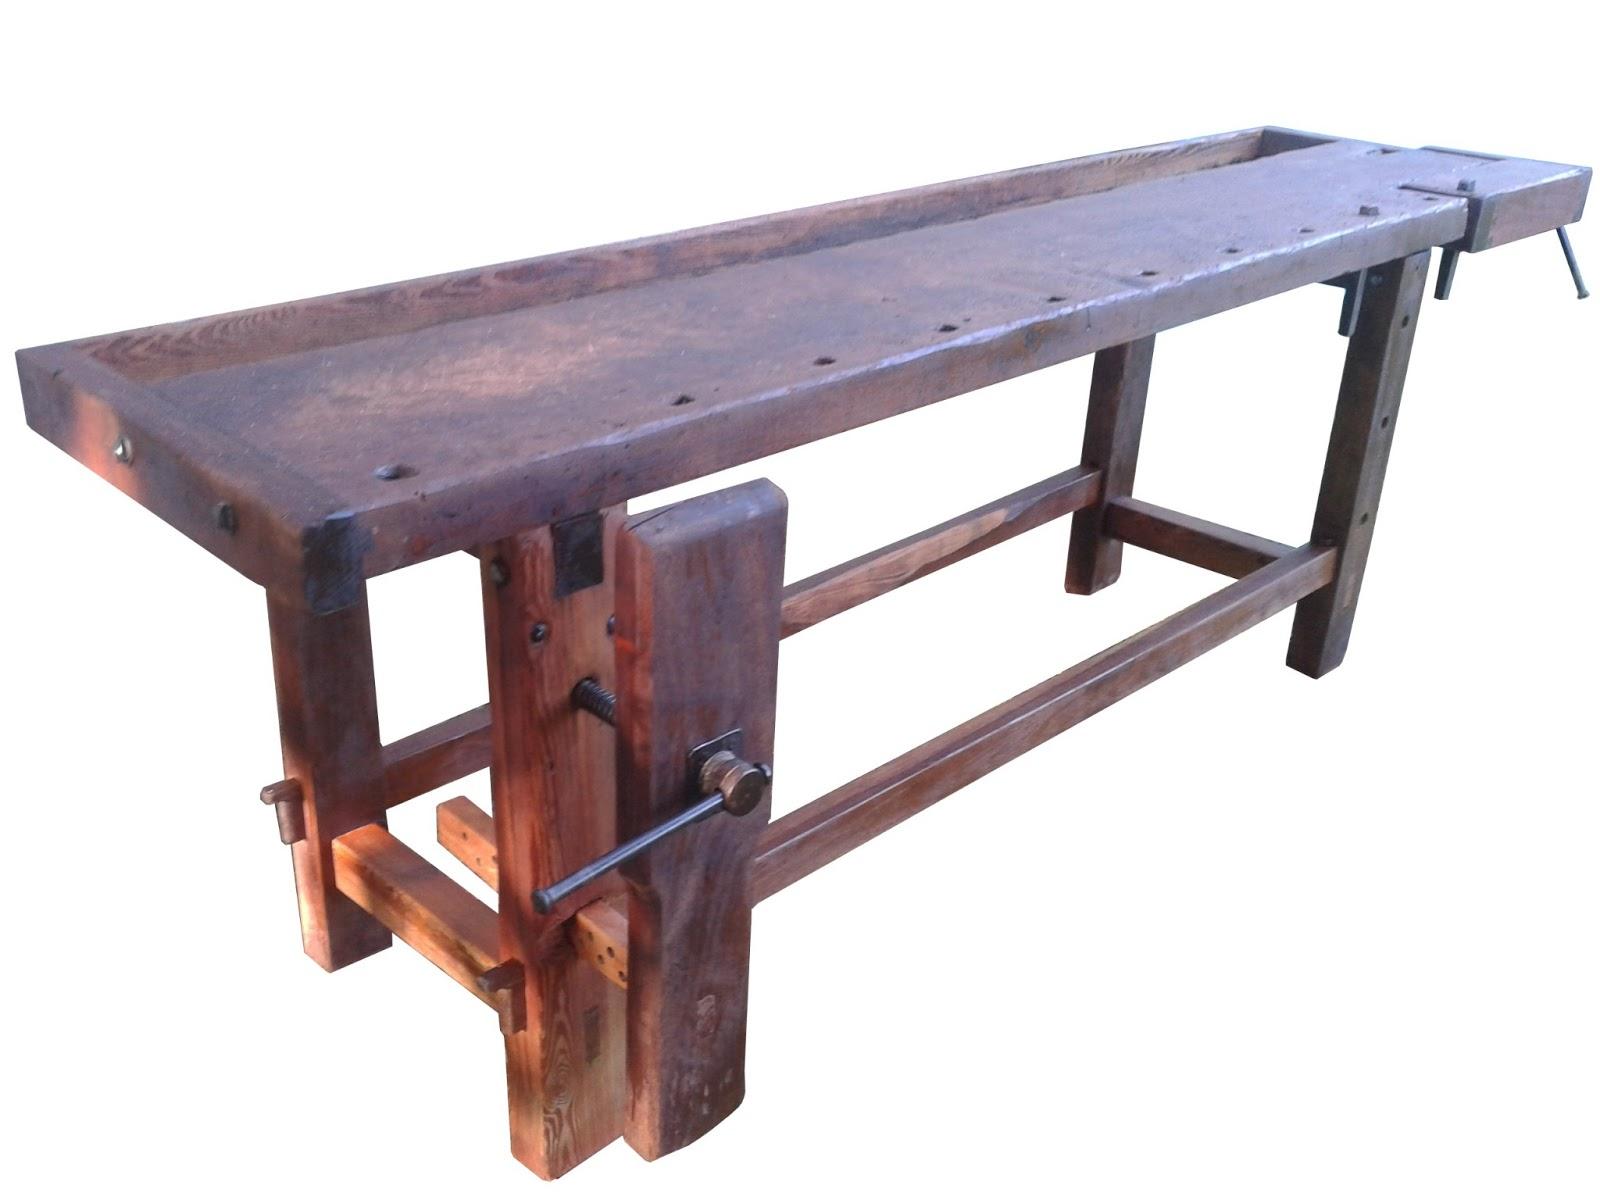 Banco de carpintero antiguo en lapacho y pinotea for Mesa de carpintero